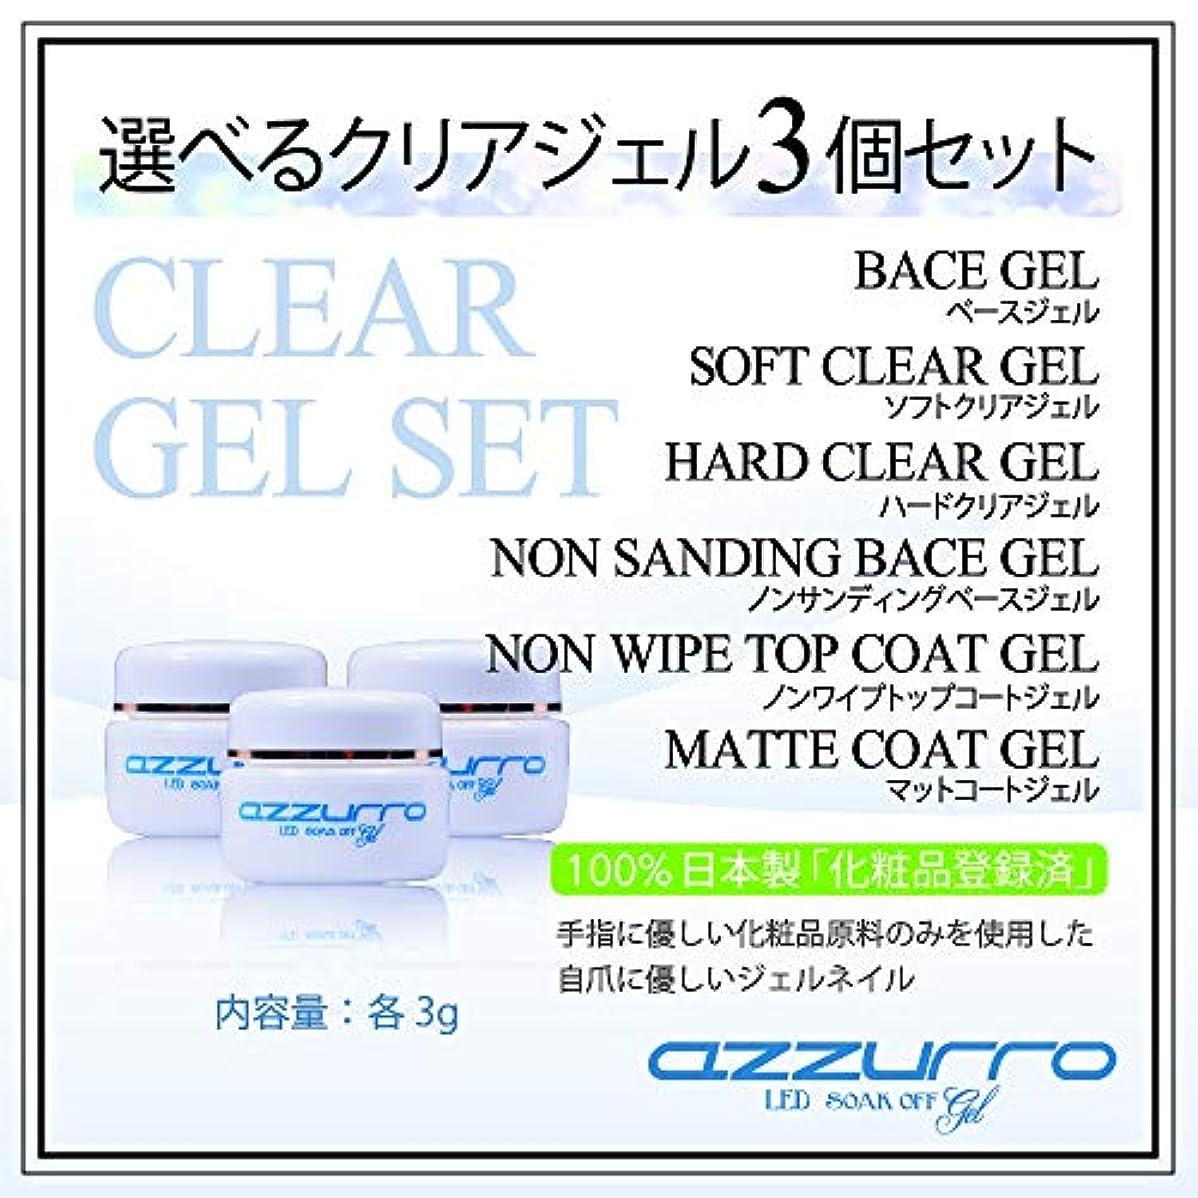 記念日下にリフレッシュazzurro gel アッズーロ選べるクリアージェル お得な3個セット